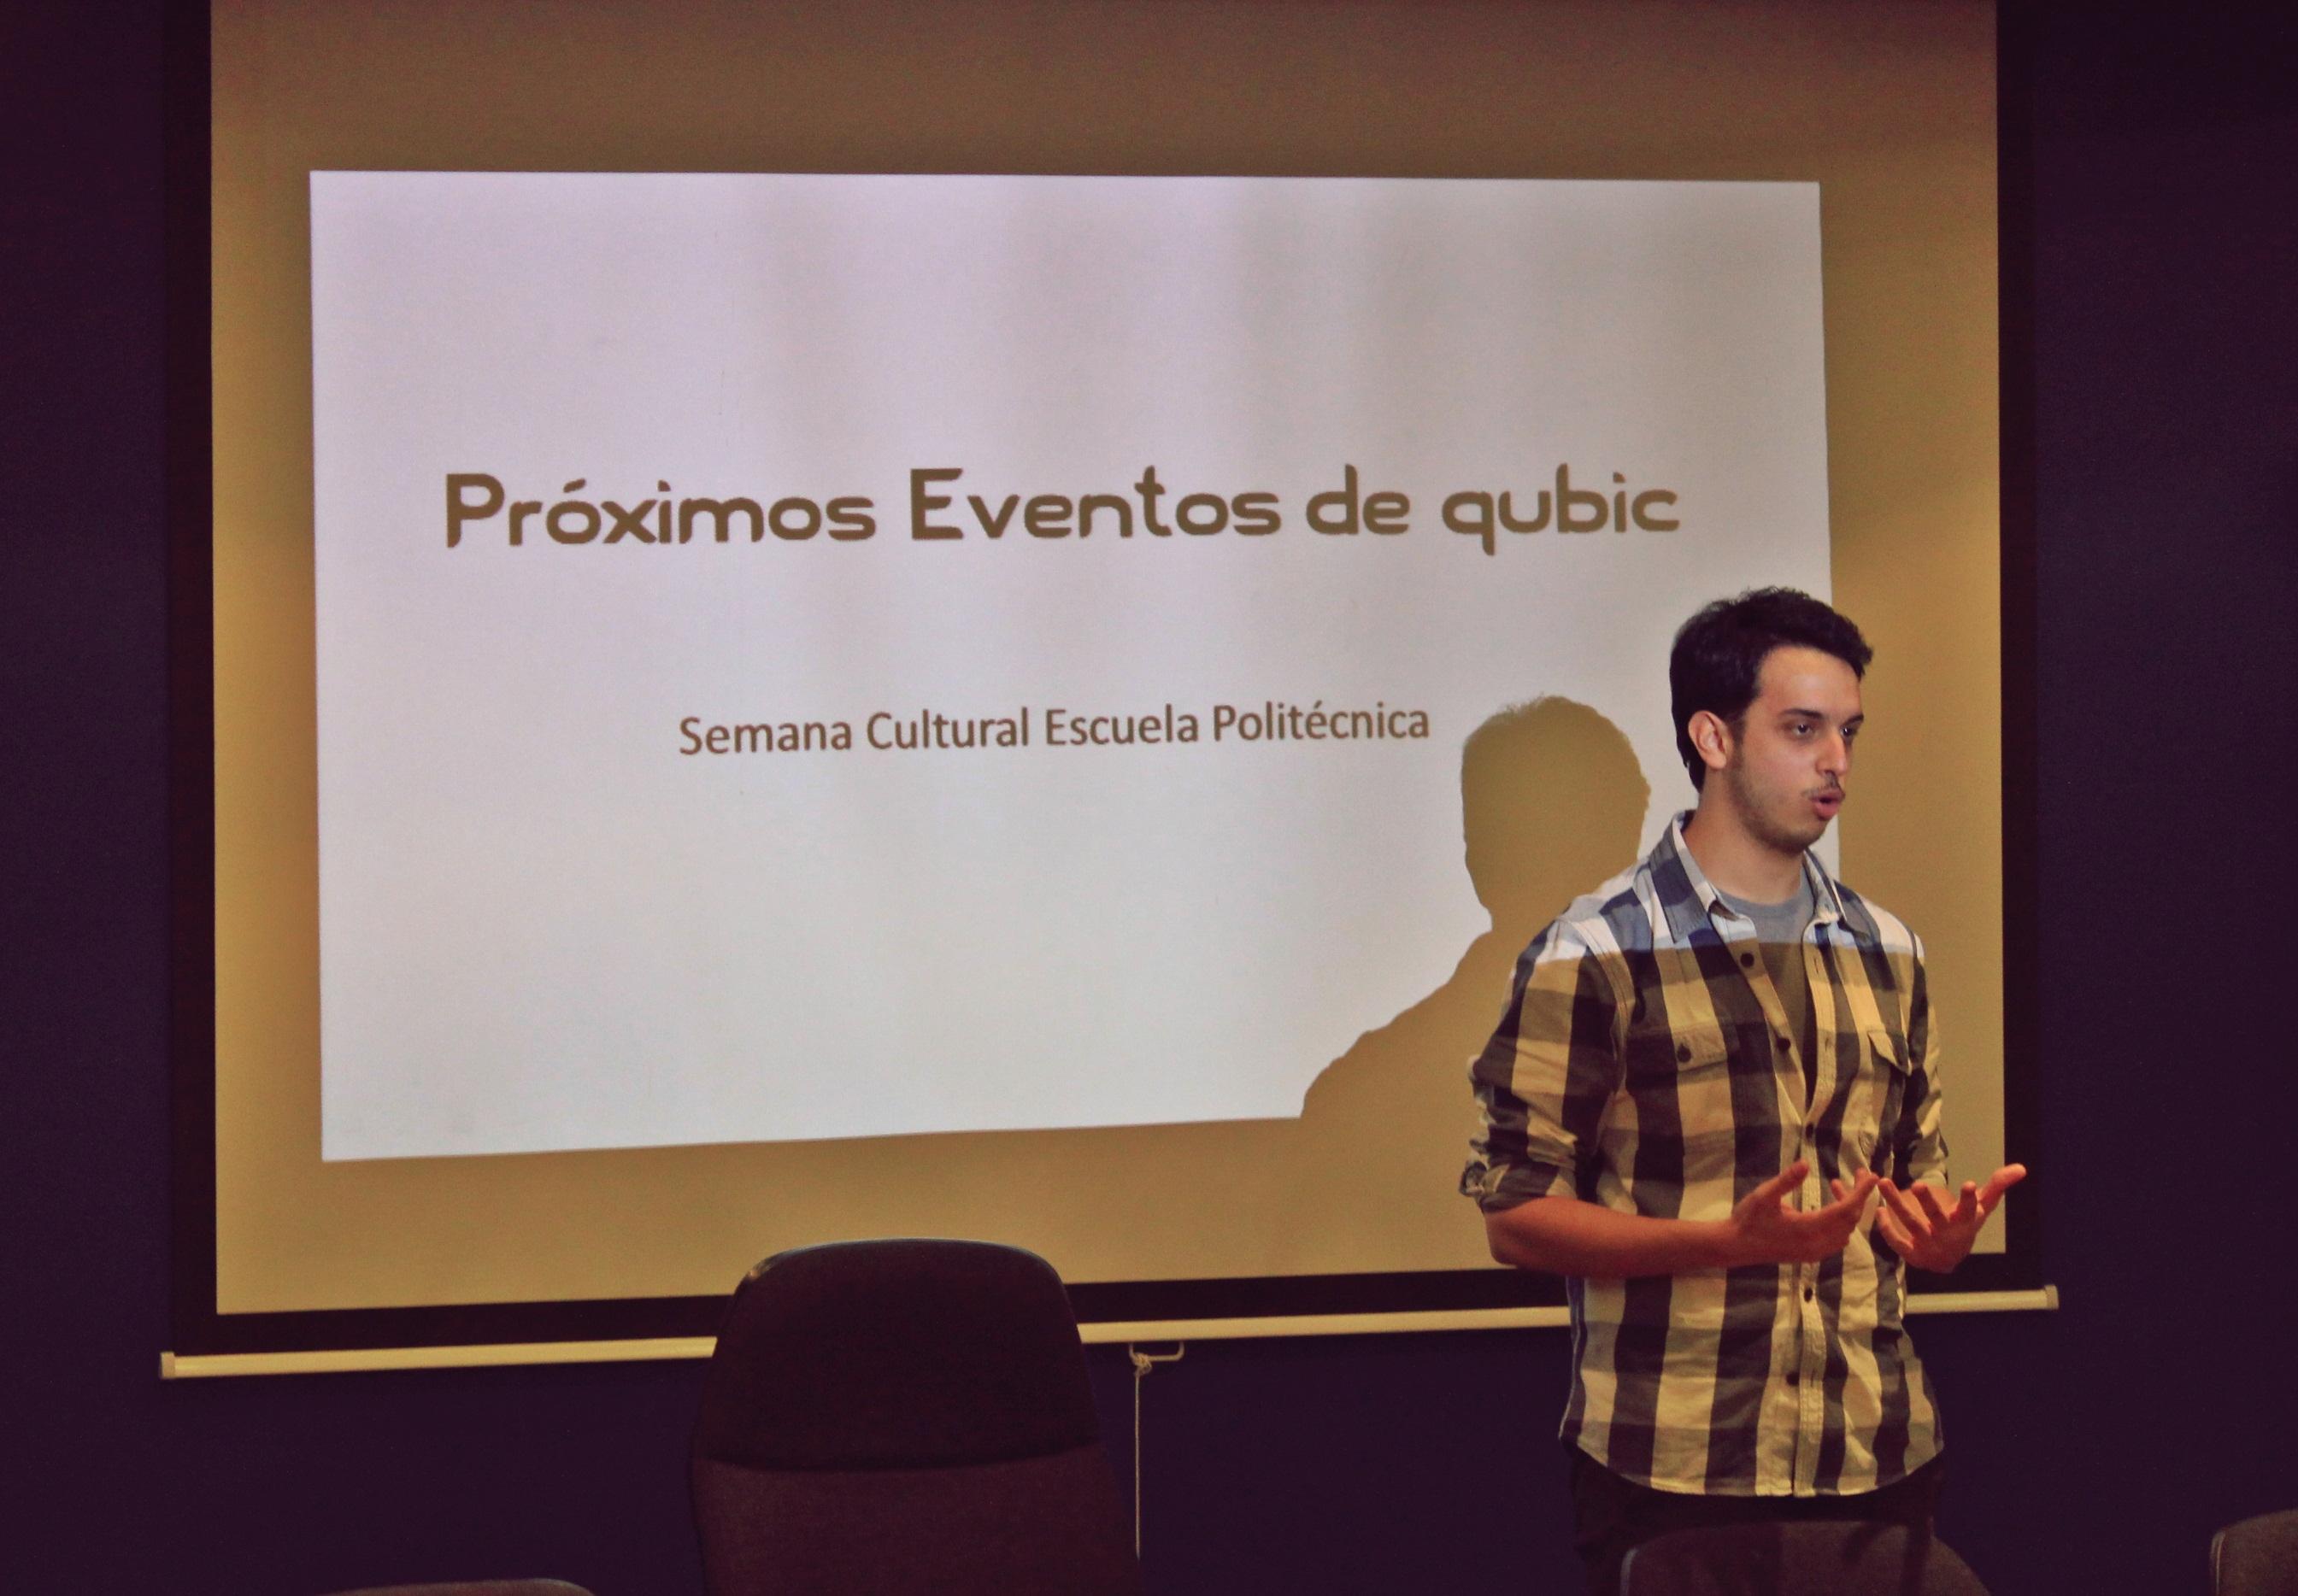 David habla sobre las actividades en la semana cultural